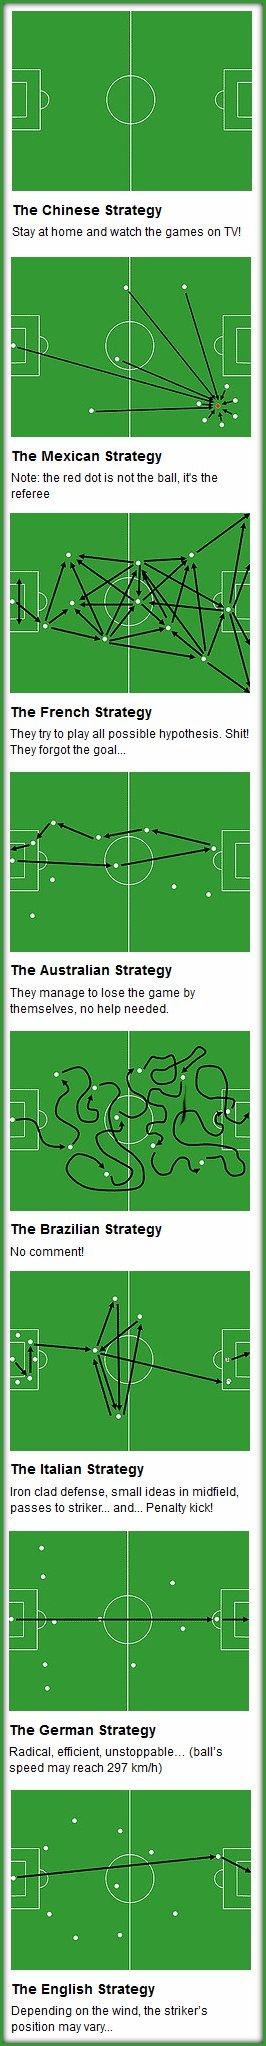 La estrategia en el fútbol